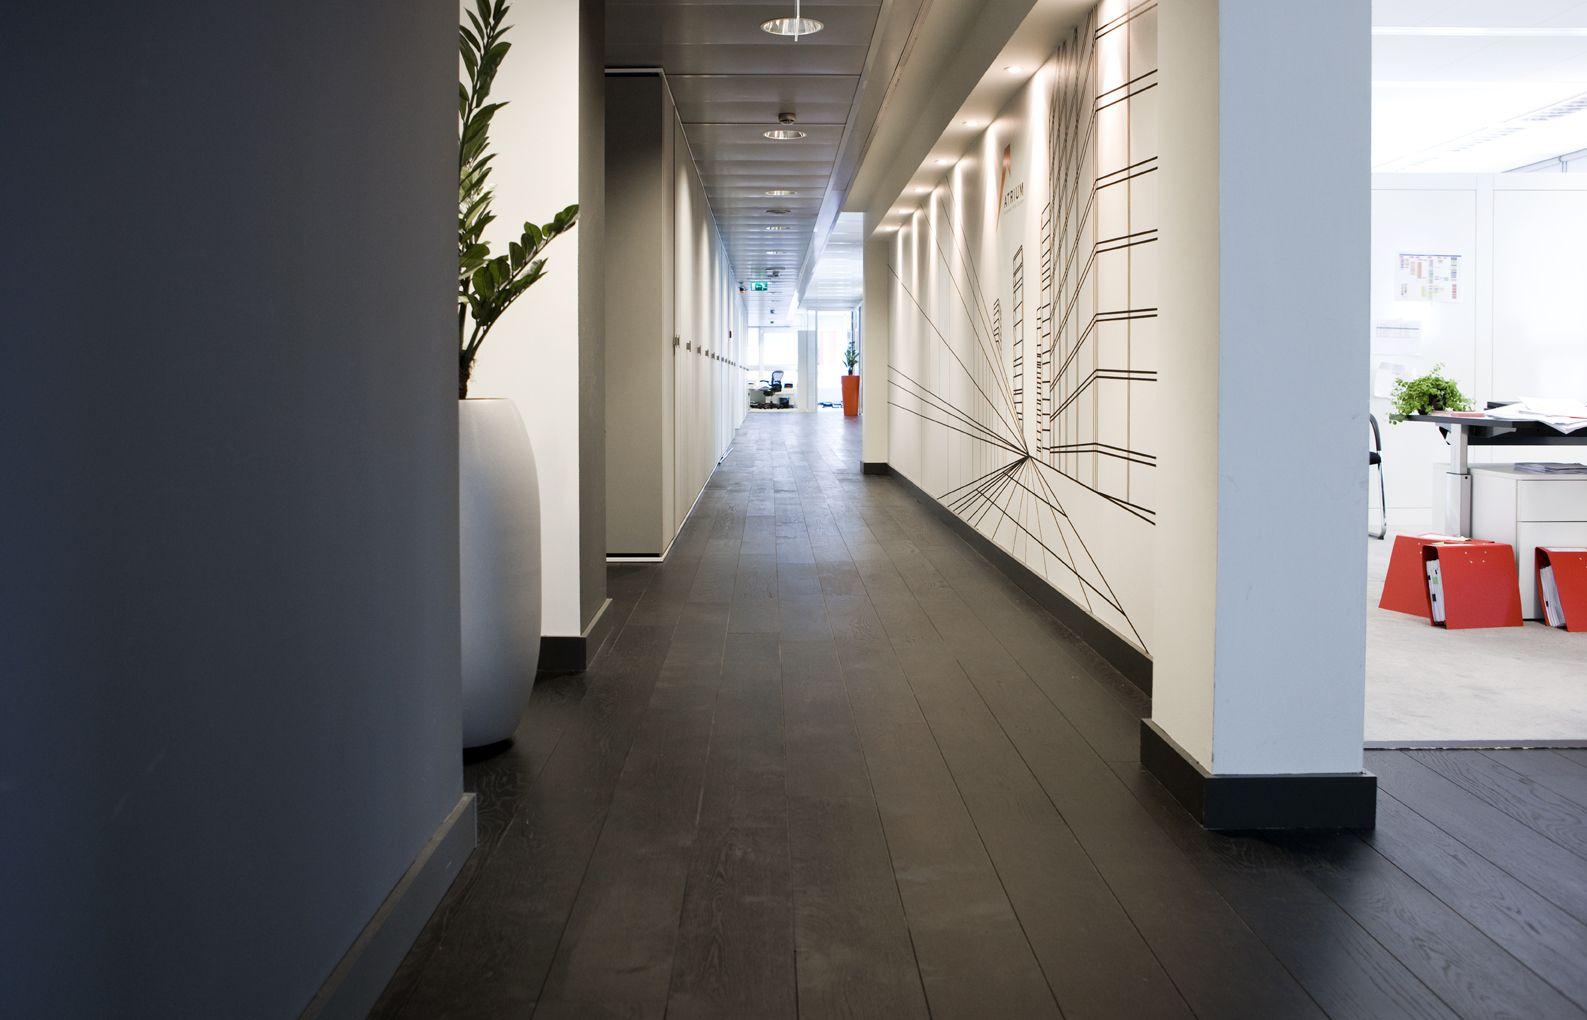 Zwarte houten vloer van uipkes zwart wit